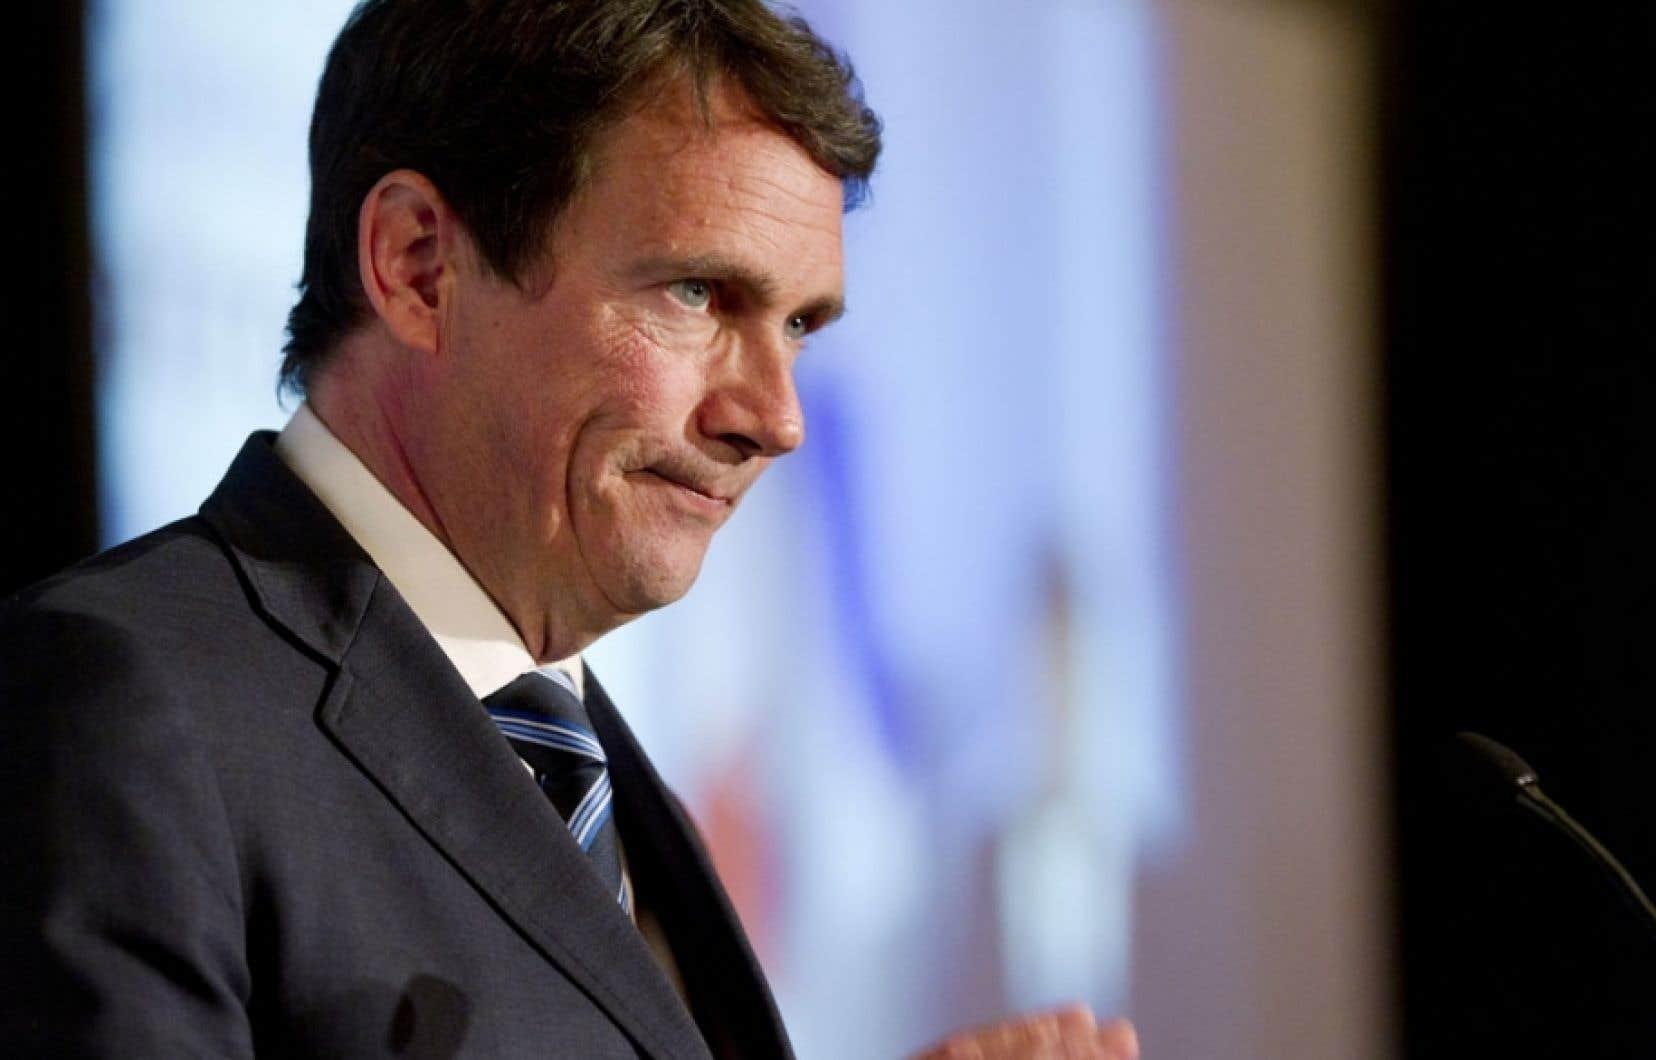 La semaine dernière, la première ministre Pauline Marois a annoncé la nomination de Pierre Karl Péladeau, président et chef de la direction du conglomérat Québecor, à la présidence du conseil d'administration d'Hydro-Québec.